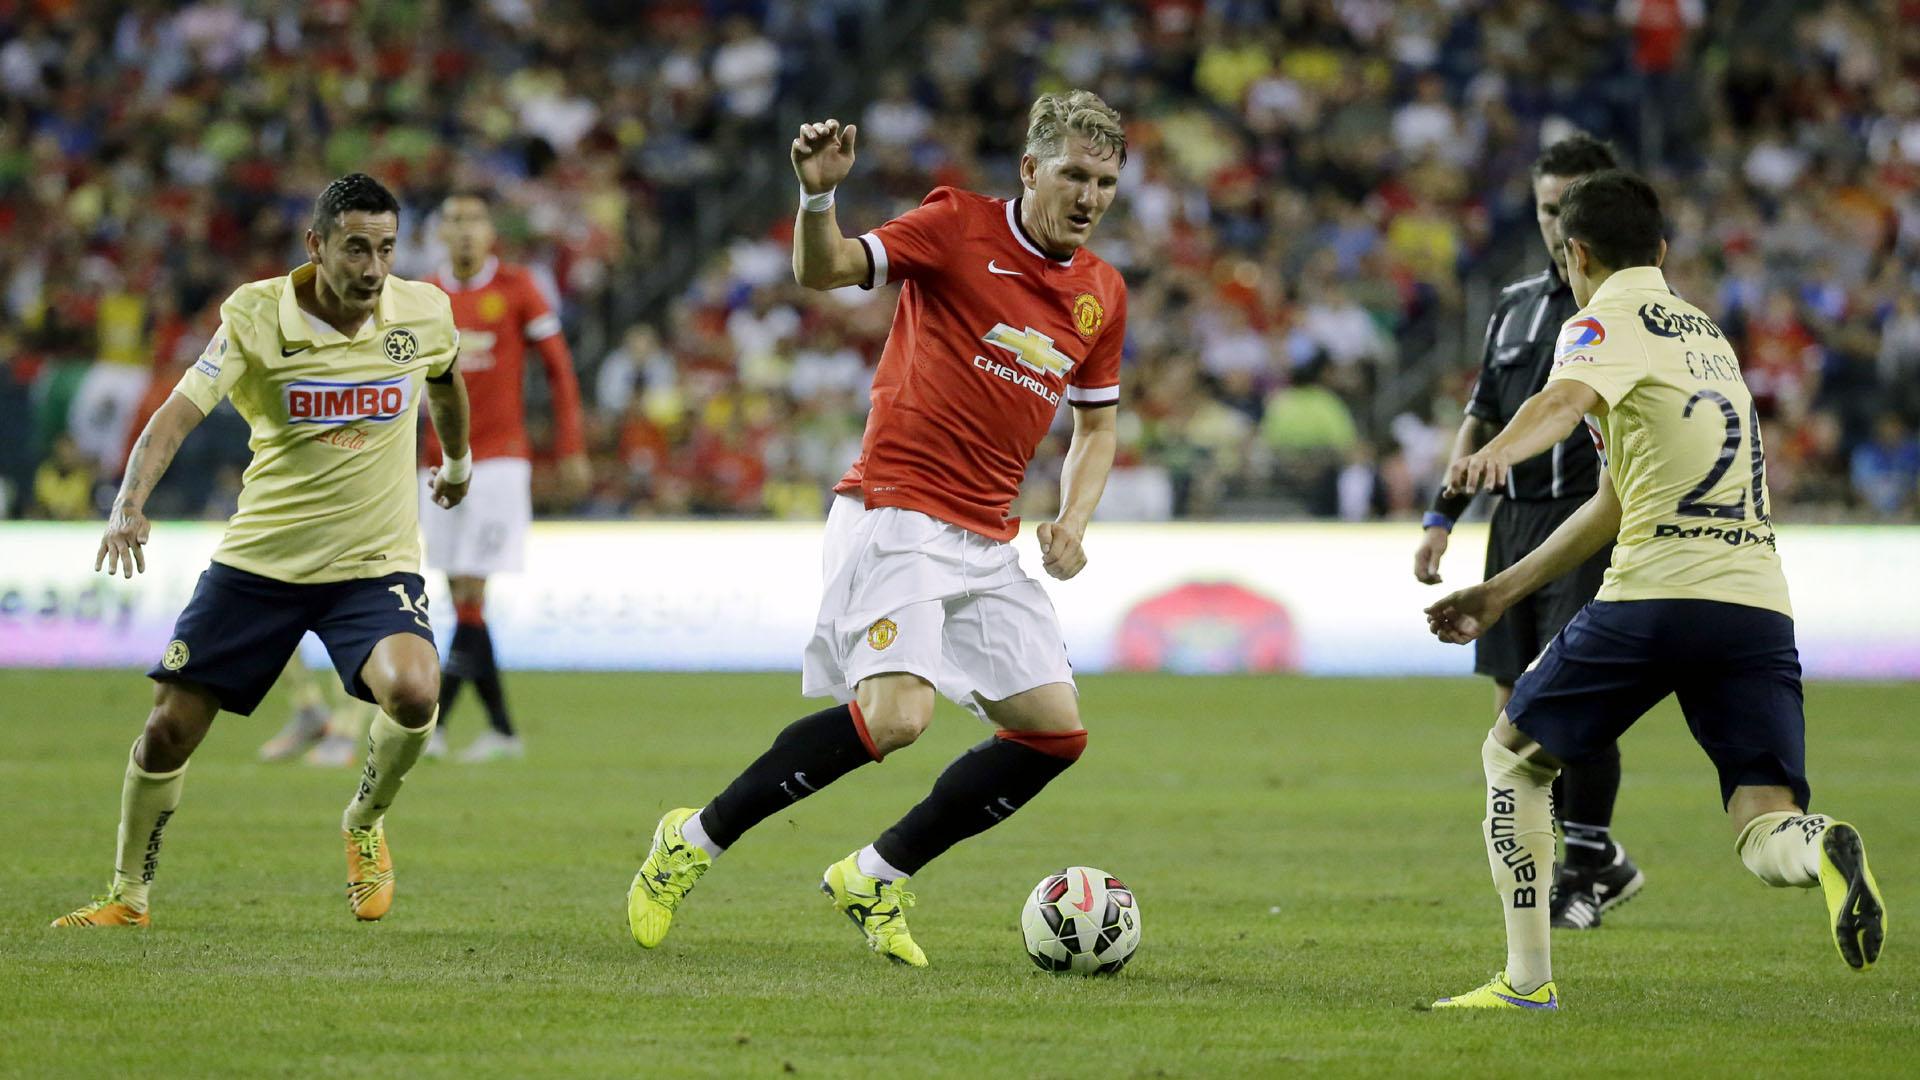 Schweinsteiger estreou com a camisa 23 do Manchester United nos Estados Unidos (AP Photo/Ted S. Warren)